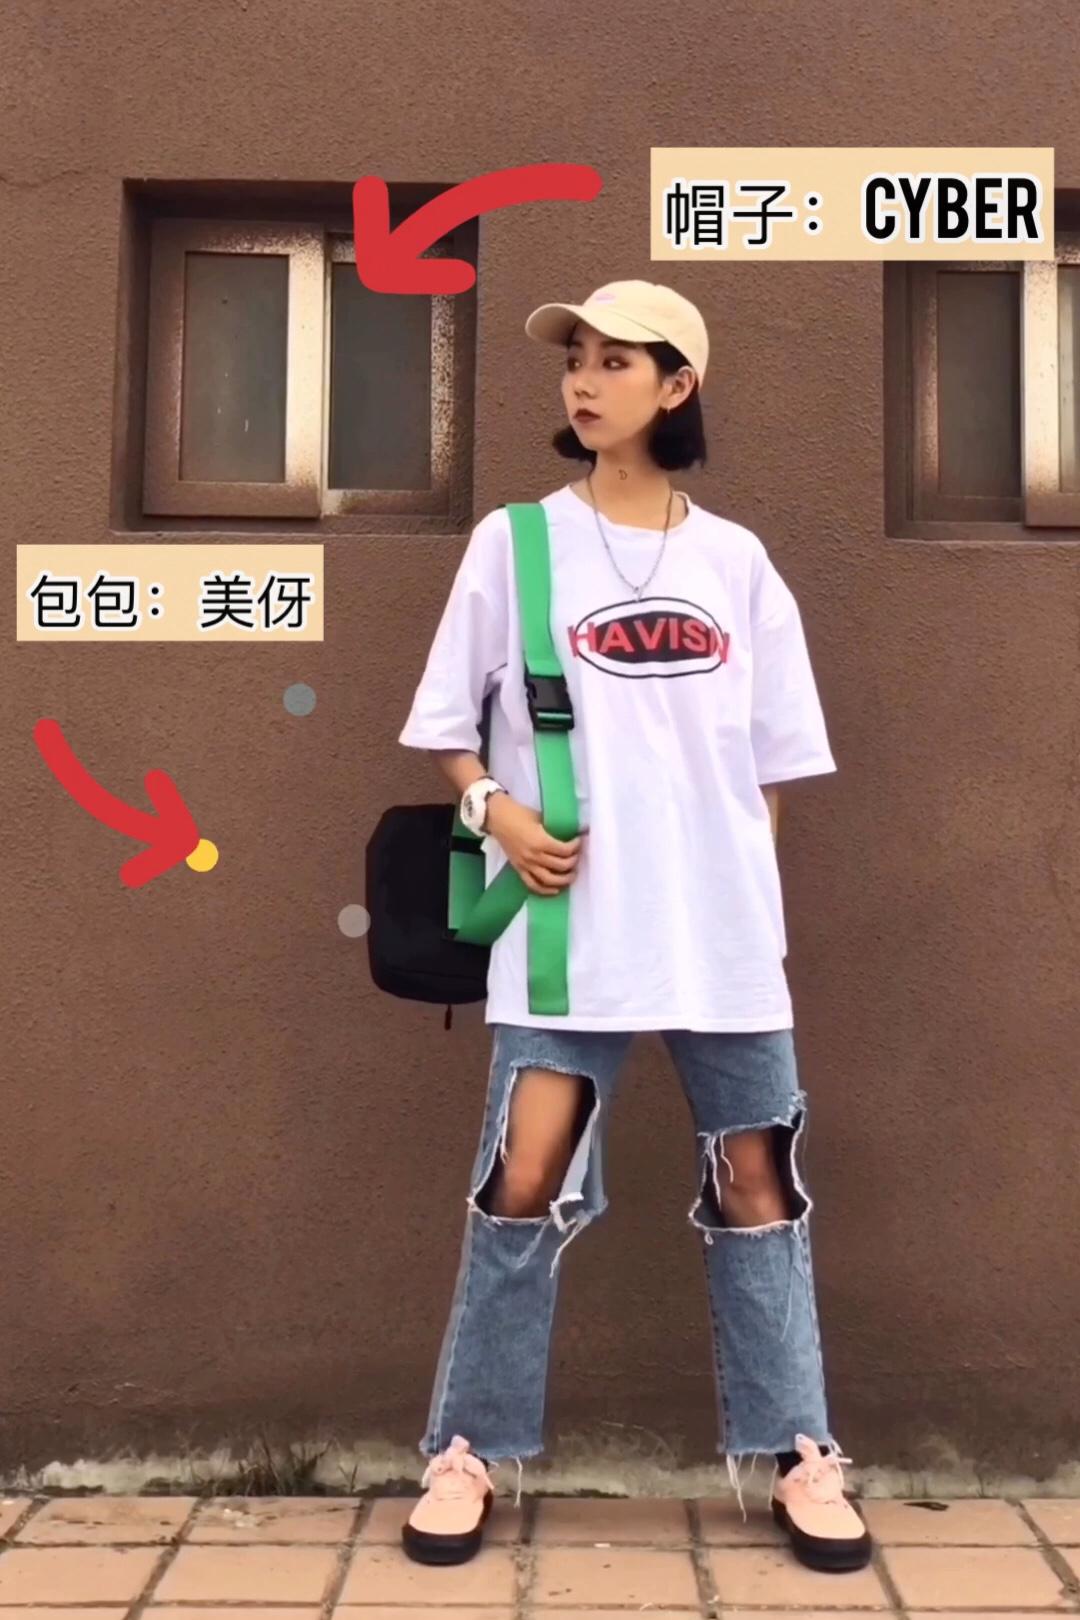 #拼身材秀清凉,瘦了一定这么穿!#  酒红色的短款t恤 修身显腿长  高腰破洞裤 修饰腿型很显高 上衣红和鞋子有色彩呼应可以加分!